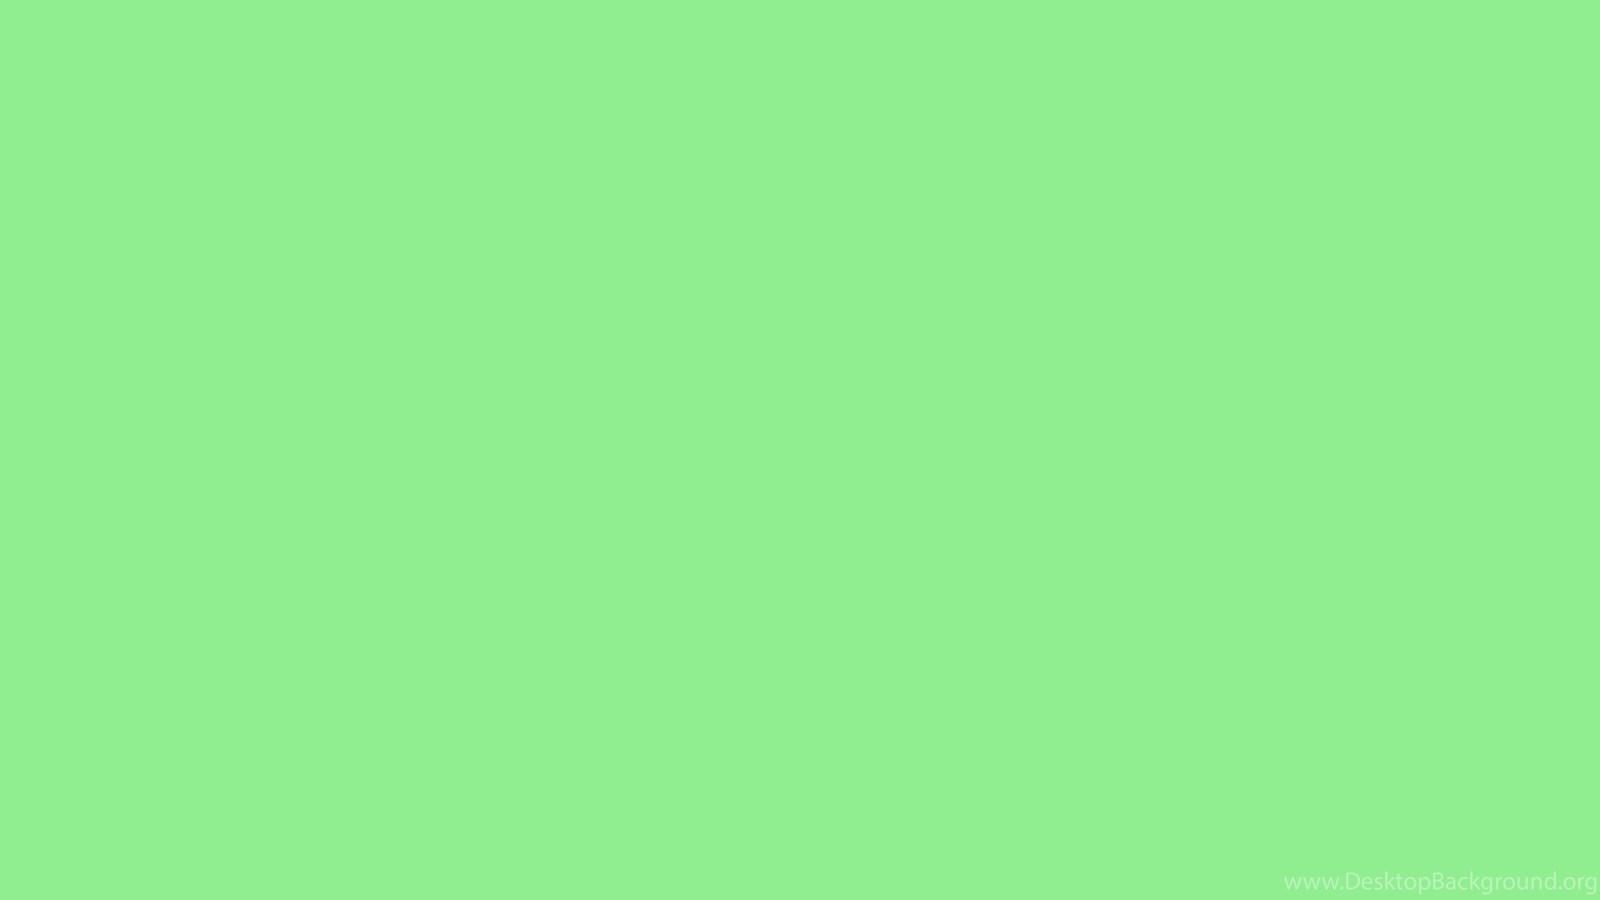 1600x900 light green solid color backgroundjpg desktop